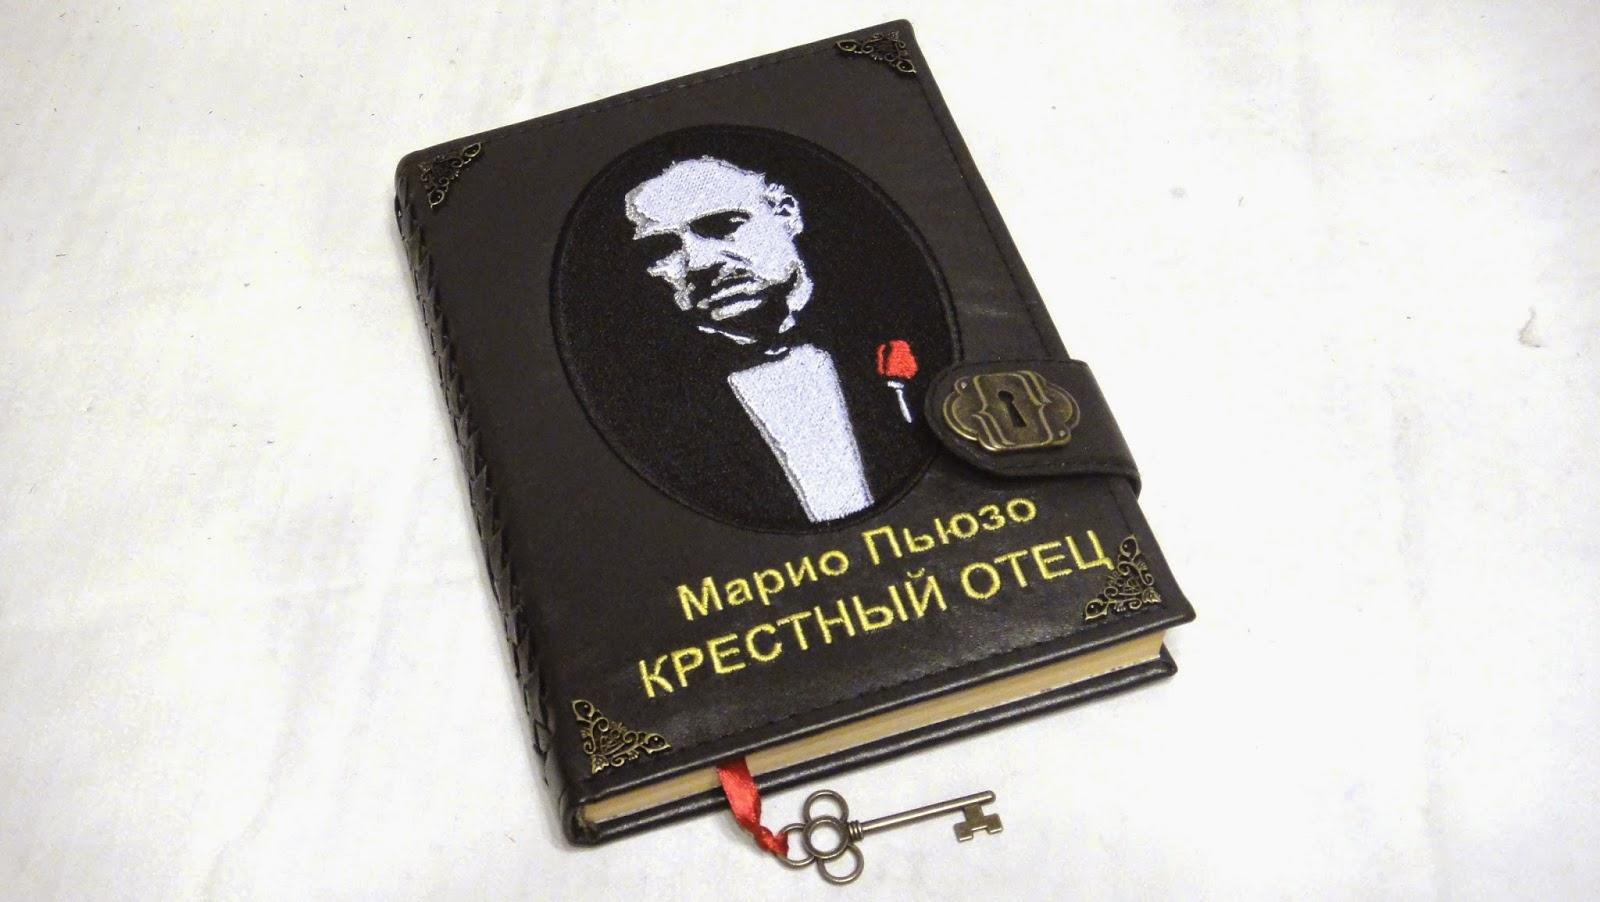 Подарок мужчине на юбилей Марио Пьюзо Крестный отец - книга в кожаном переплете